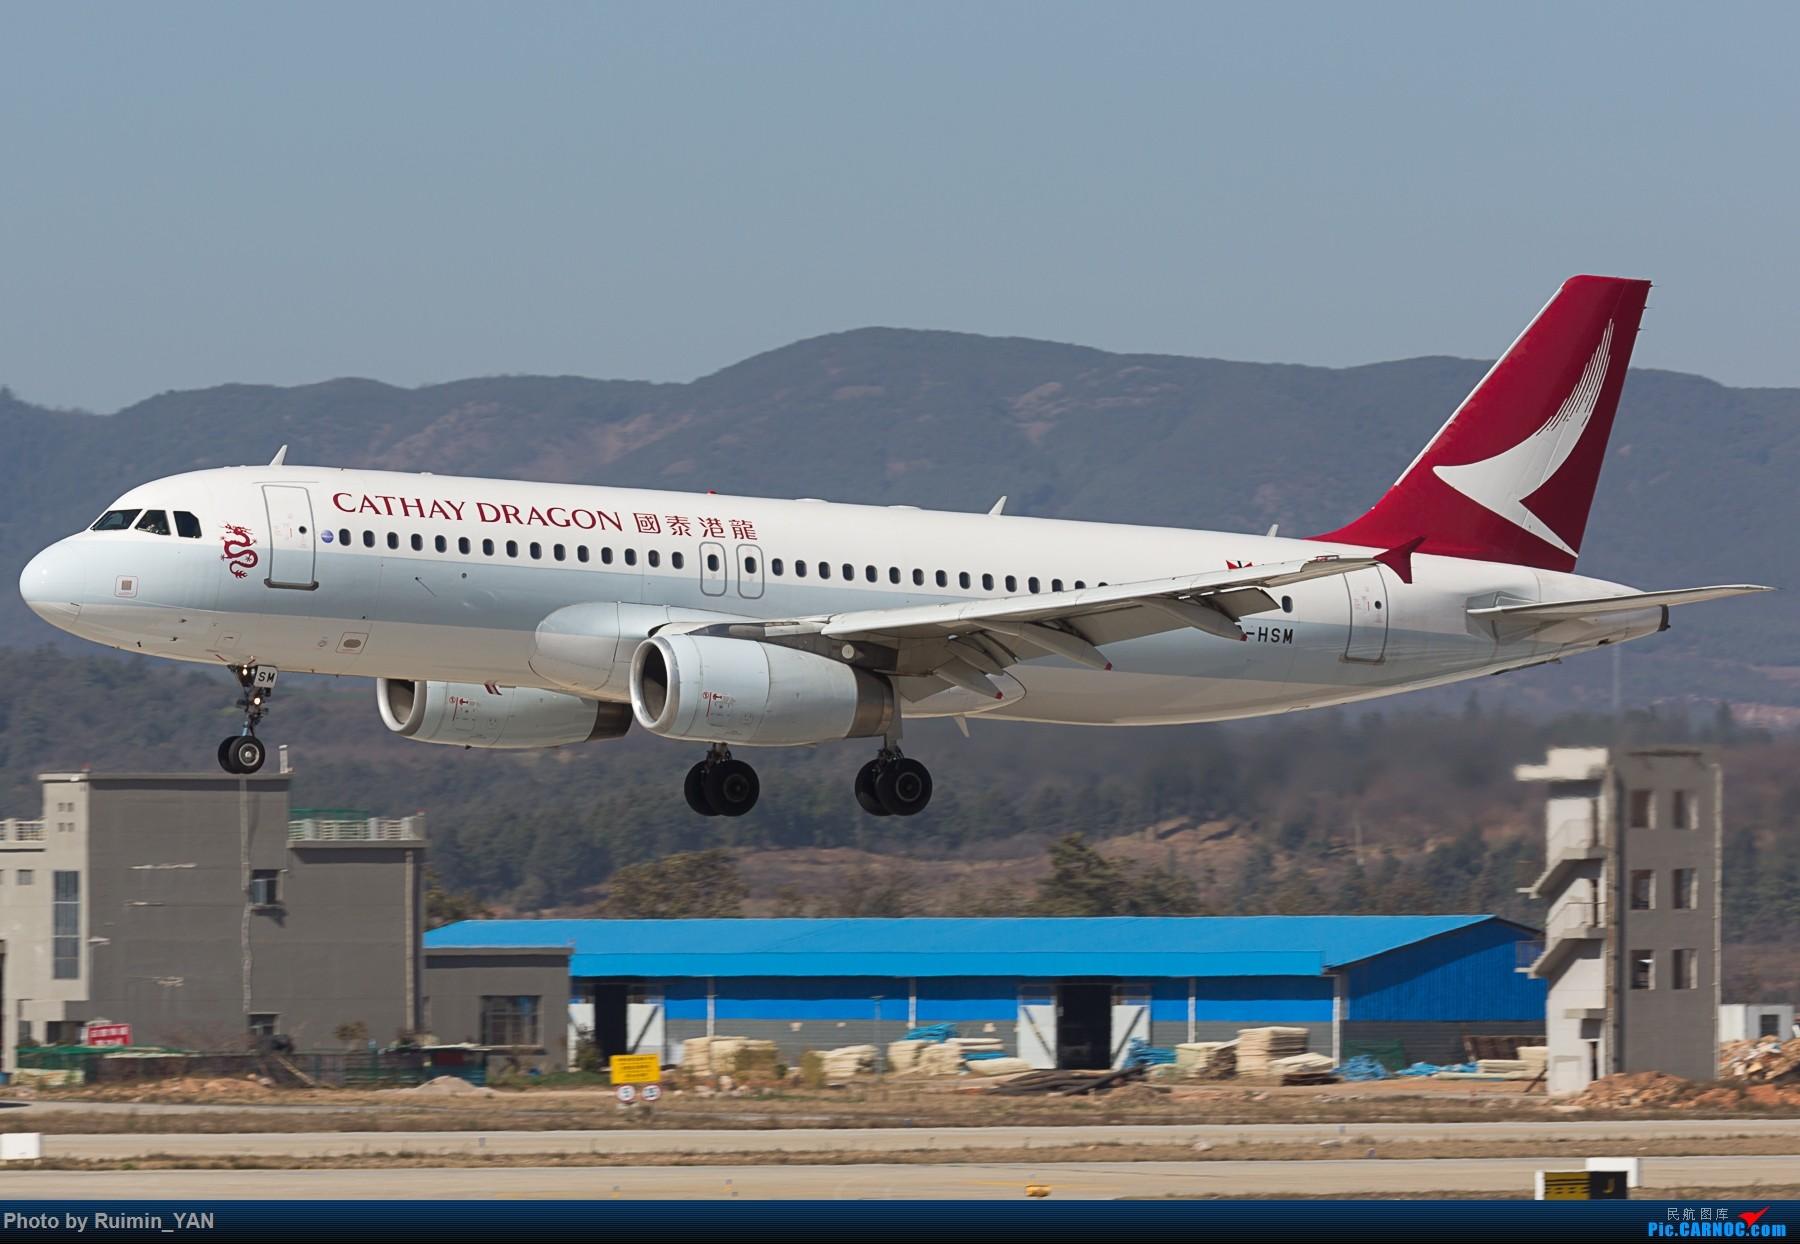 Re:【KMG】国泰港龙航空(Cathay Dragon) 红烧鱼翅 B-HSM A320 AIRBUS A320-200 B-HSM 中国昆明长水国际机场